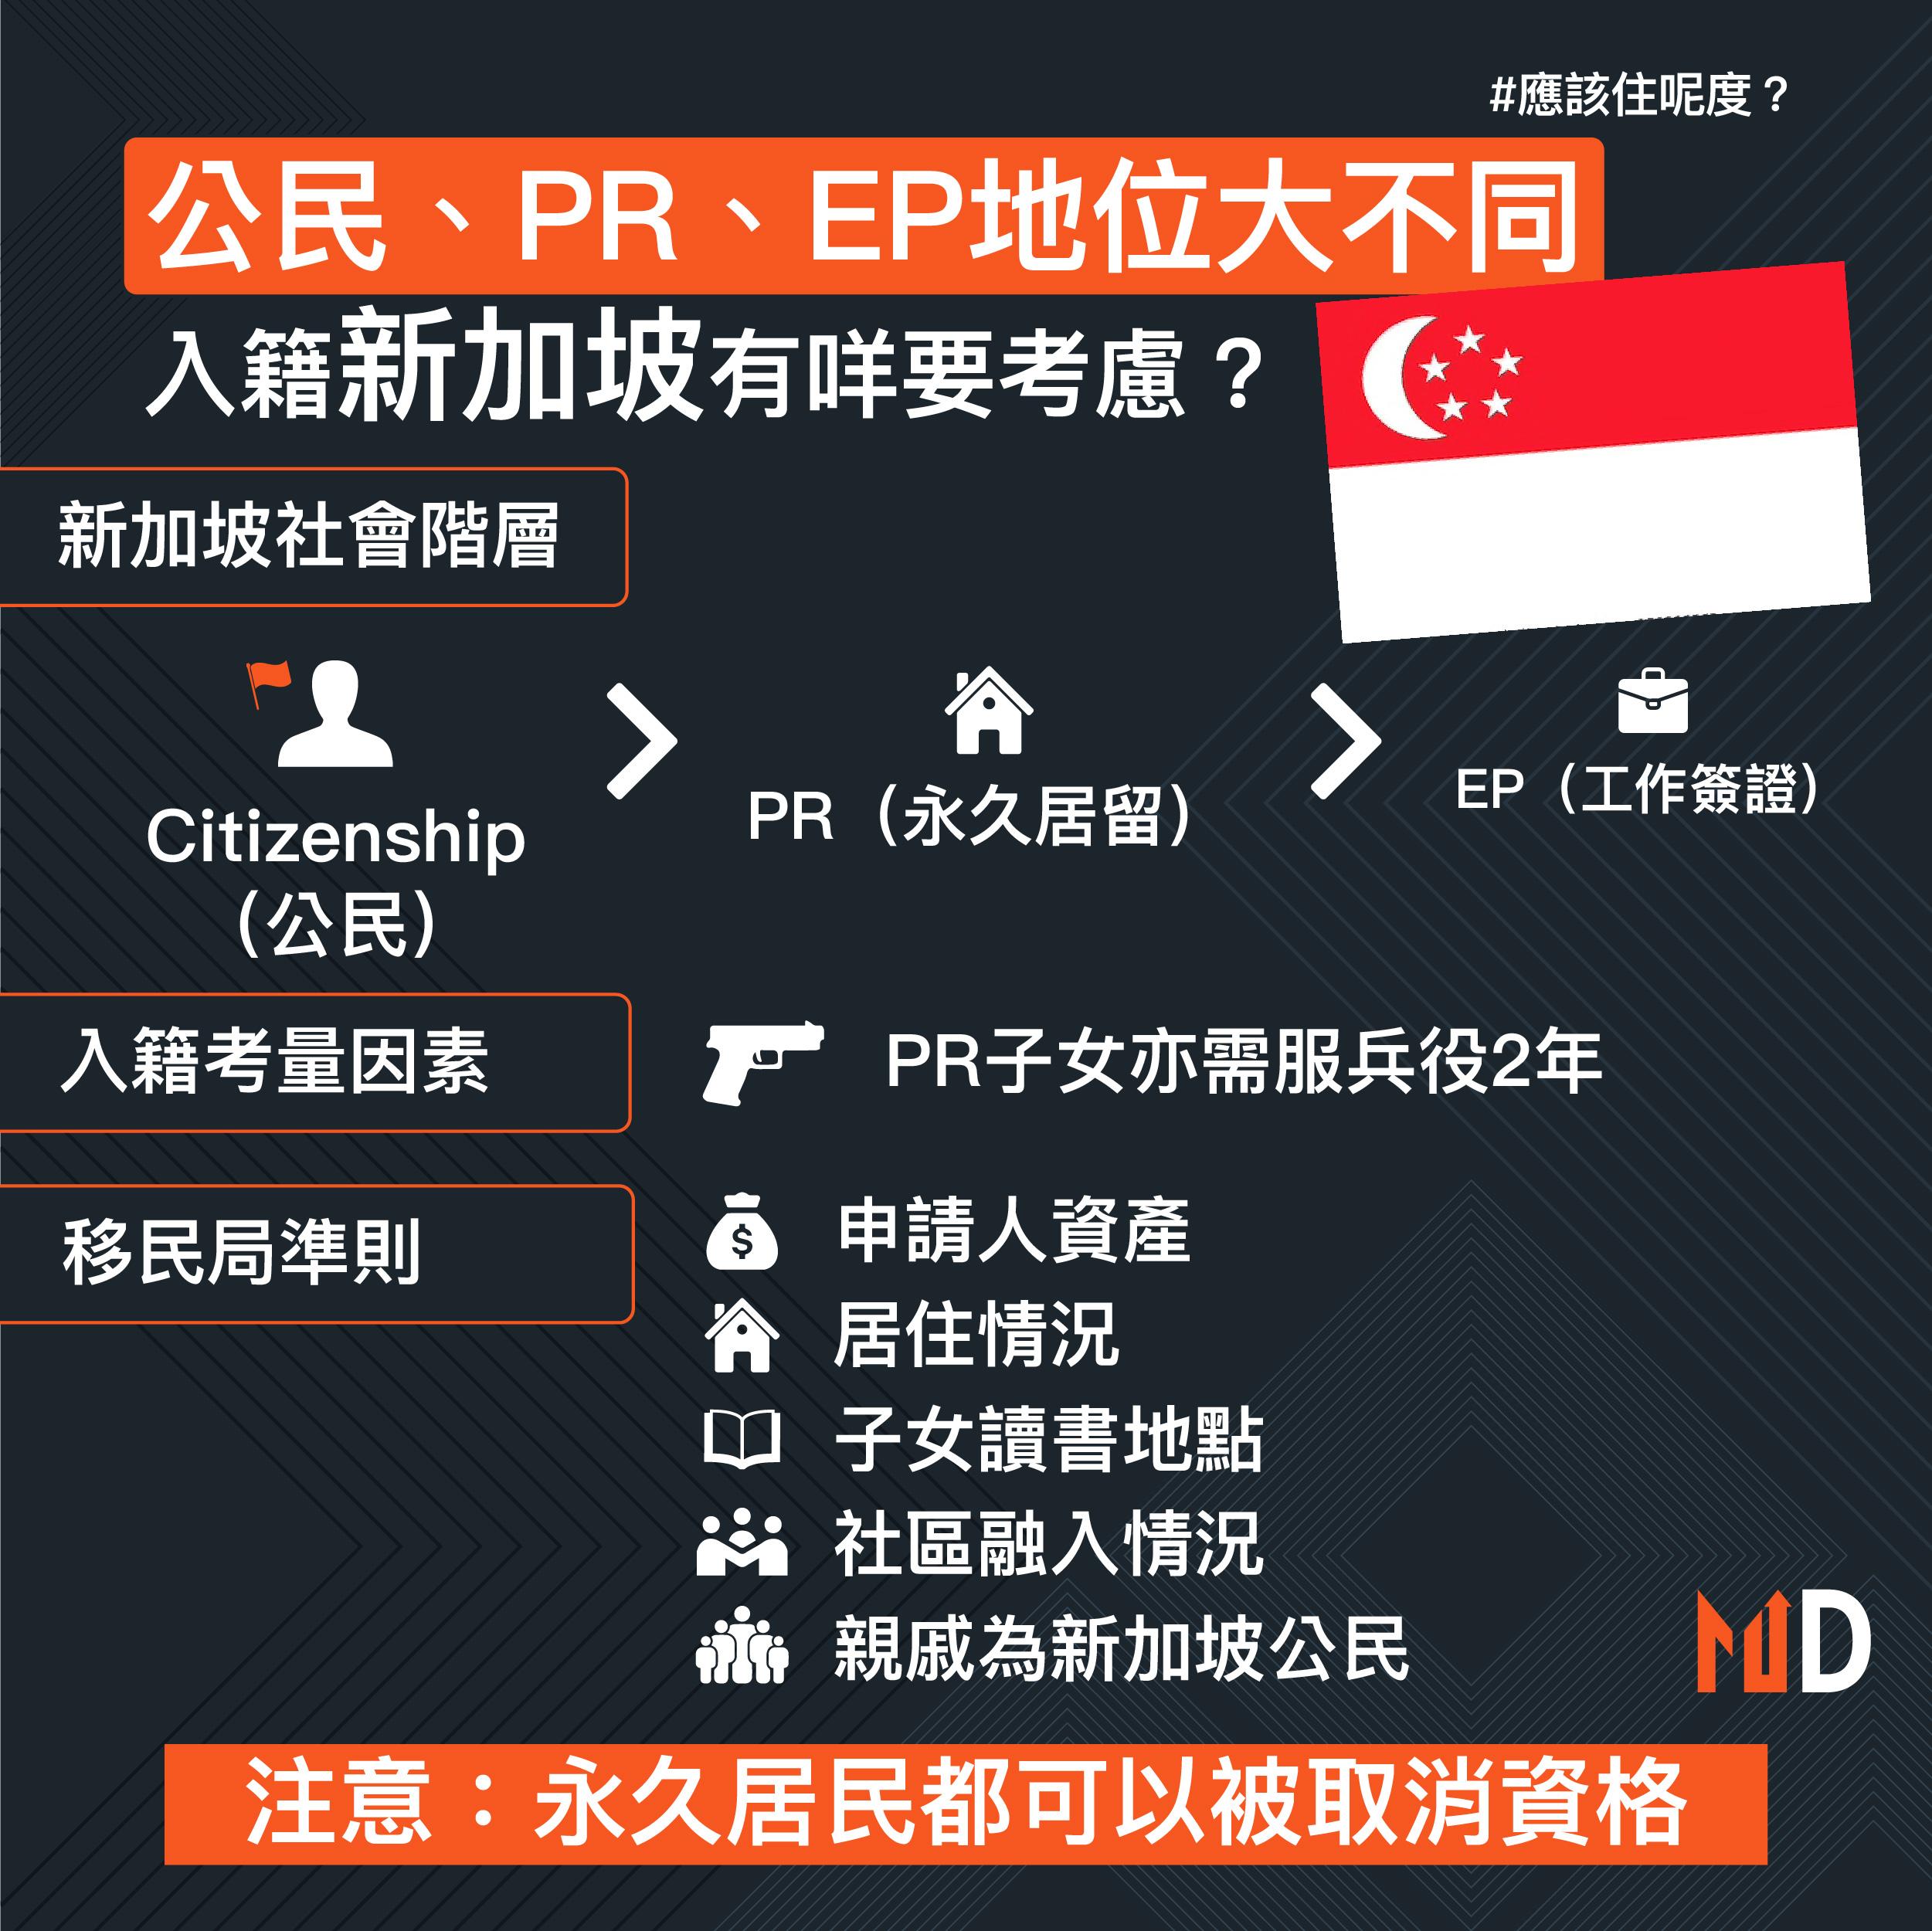 【應該住呢度?】公民、PR、EP地位大不同 入籍新加坡有咩要考慮?